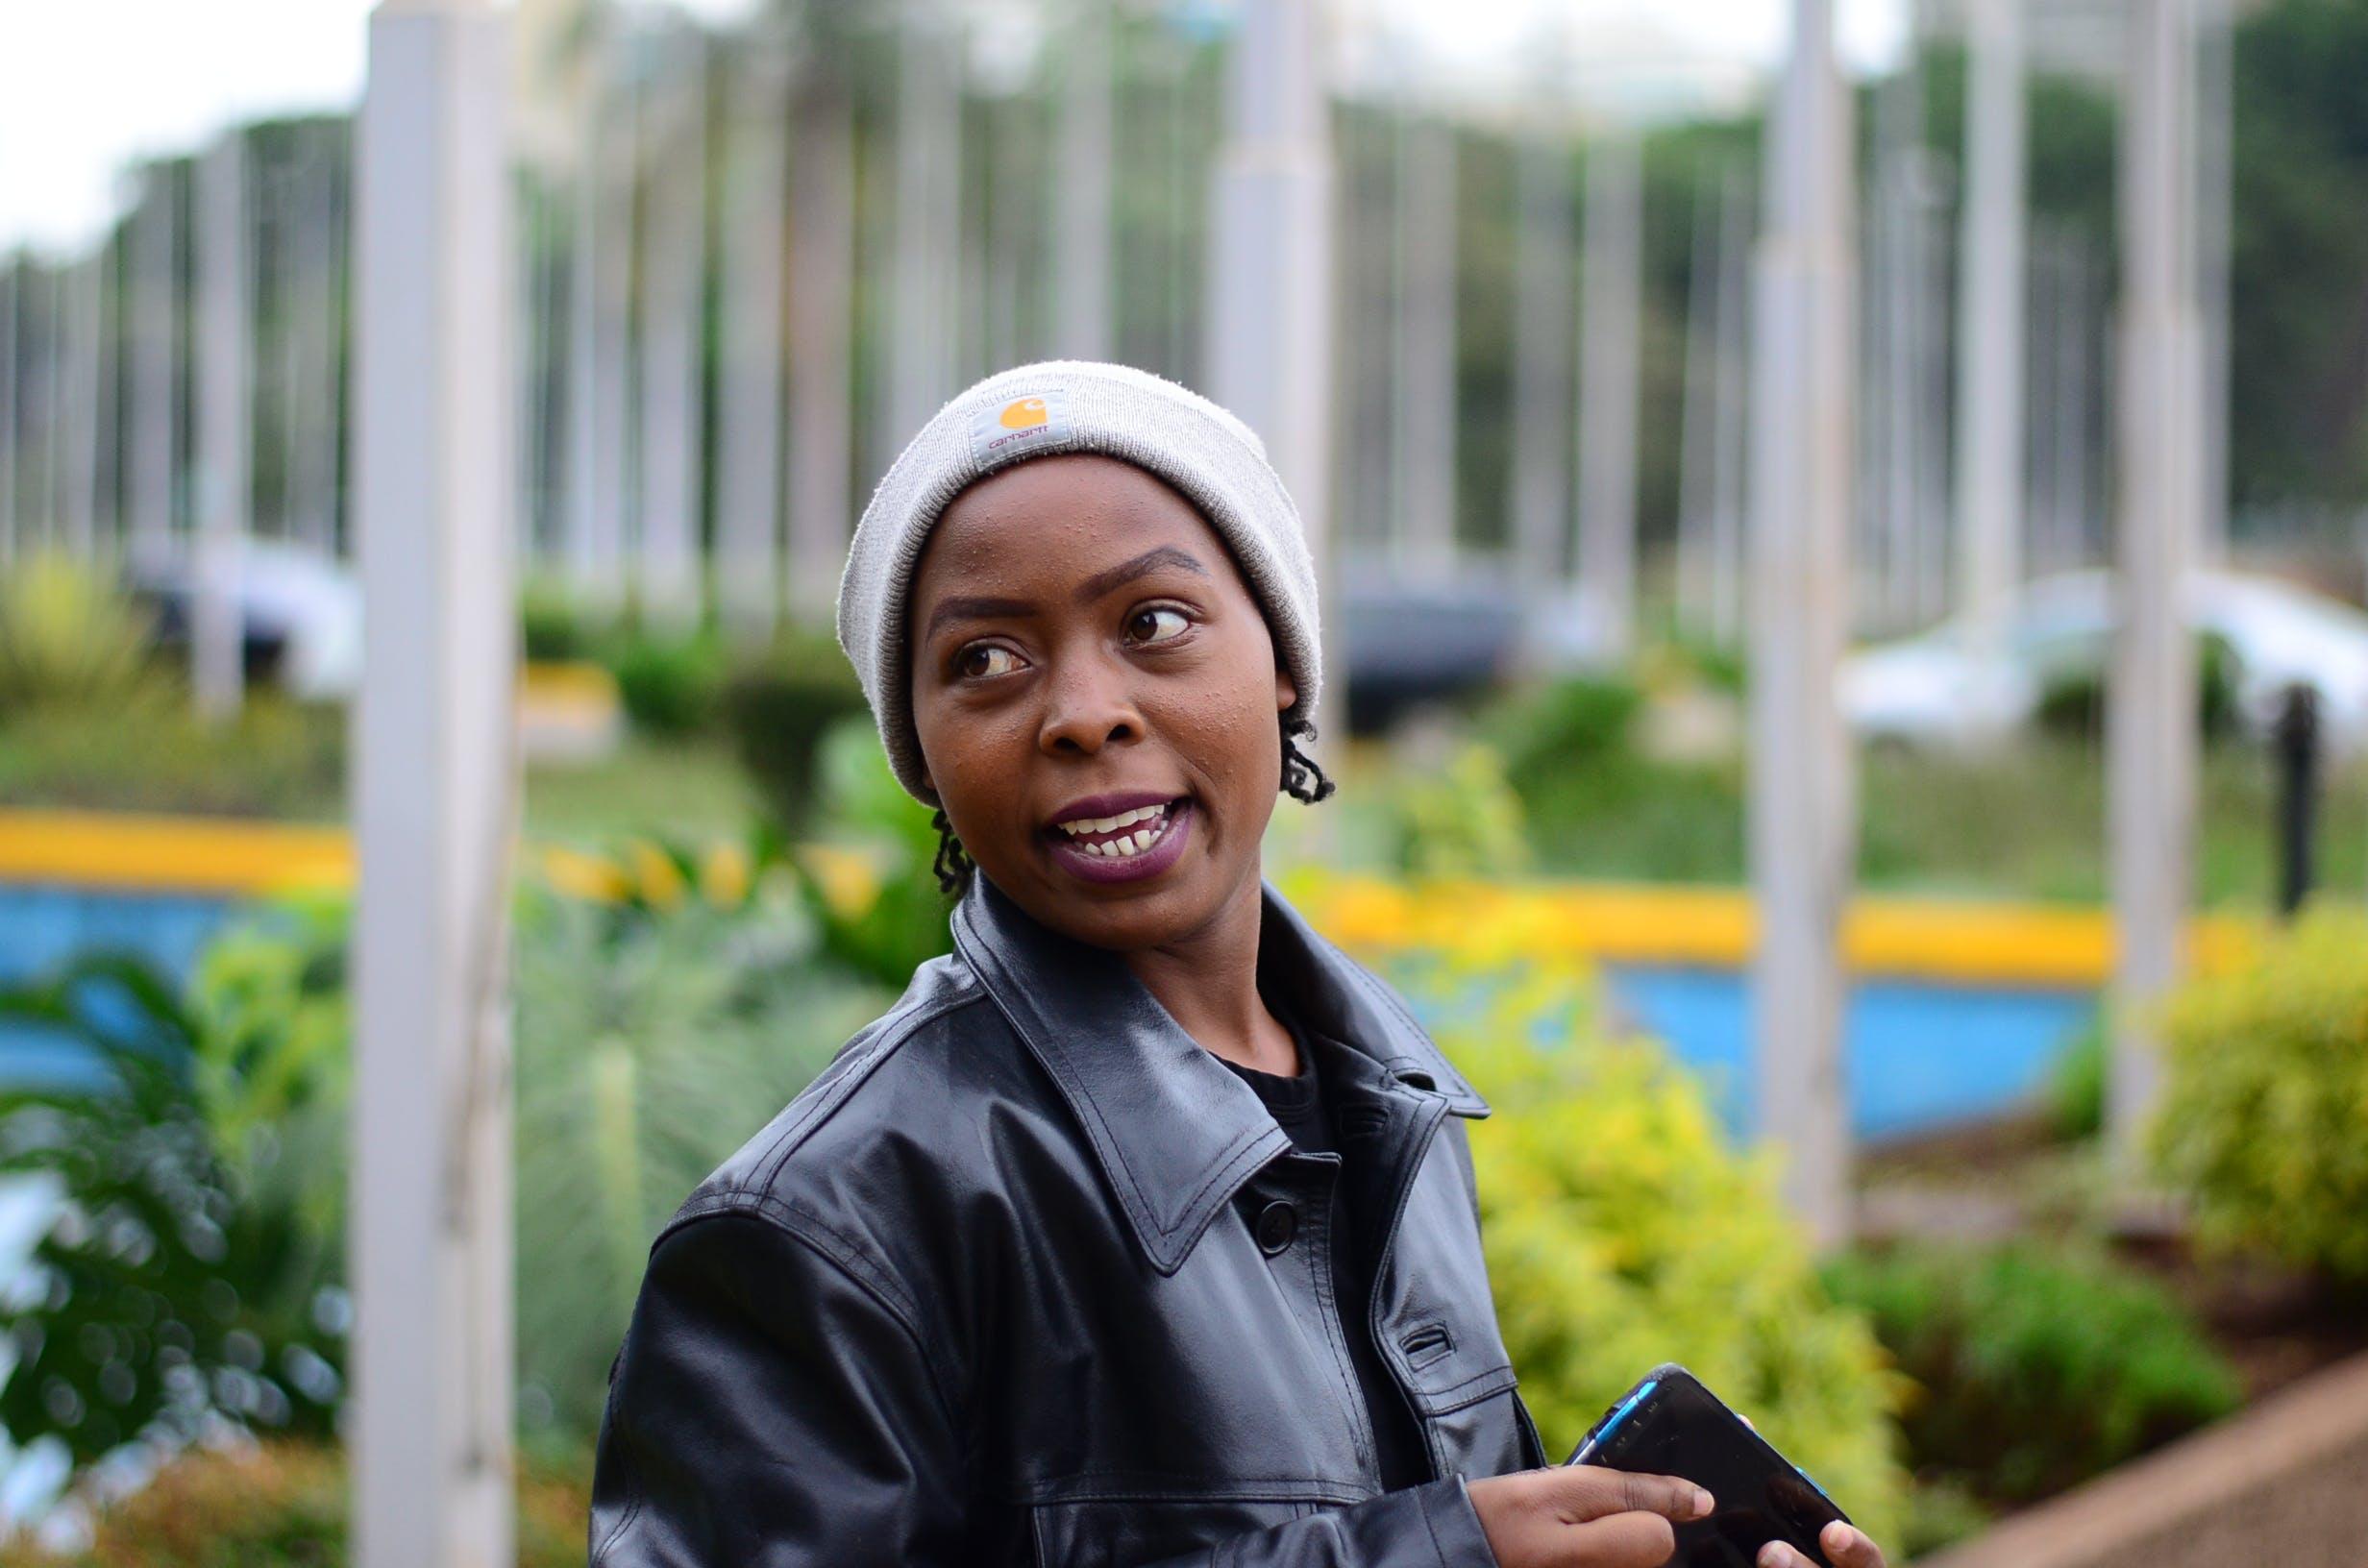 Fotos de stock gratuitas de chica, chica de raza negra, mujer, mujer de raza negra